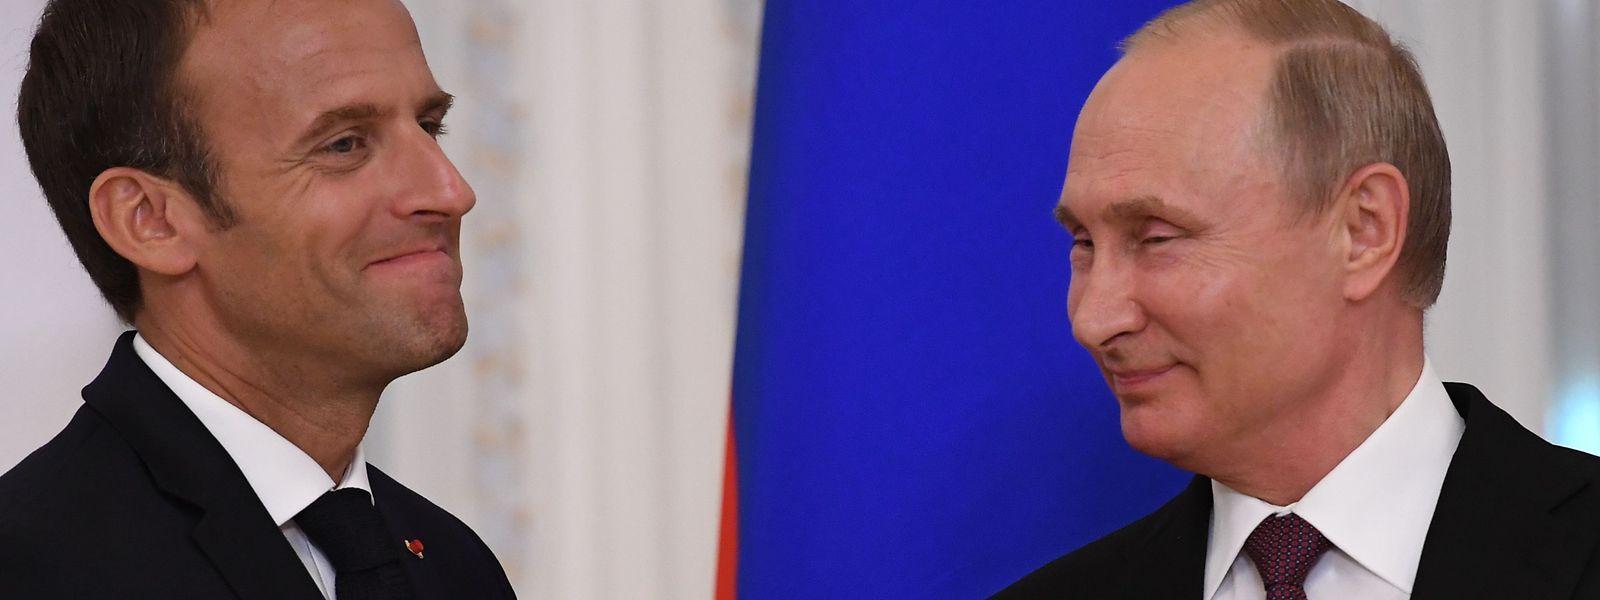 Macron und Putin sprachen sich dafür aus, das Atomabkommen mit dem Iran auch nach der einseitigen Aufkündigung durch die USA zu erhalten.